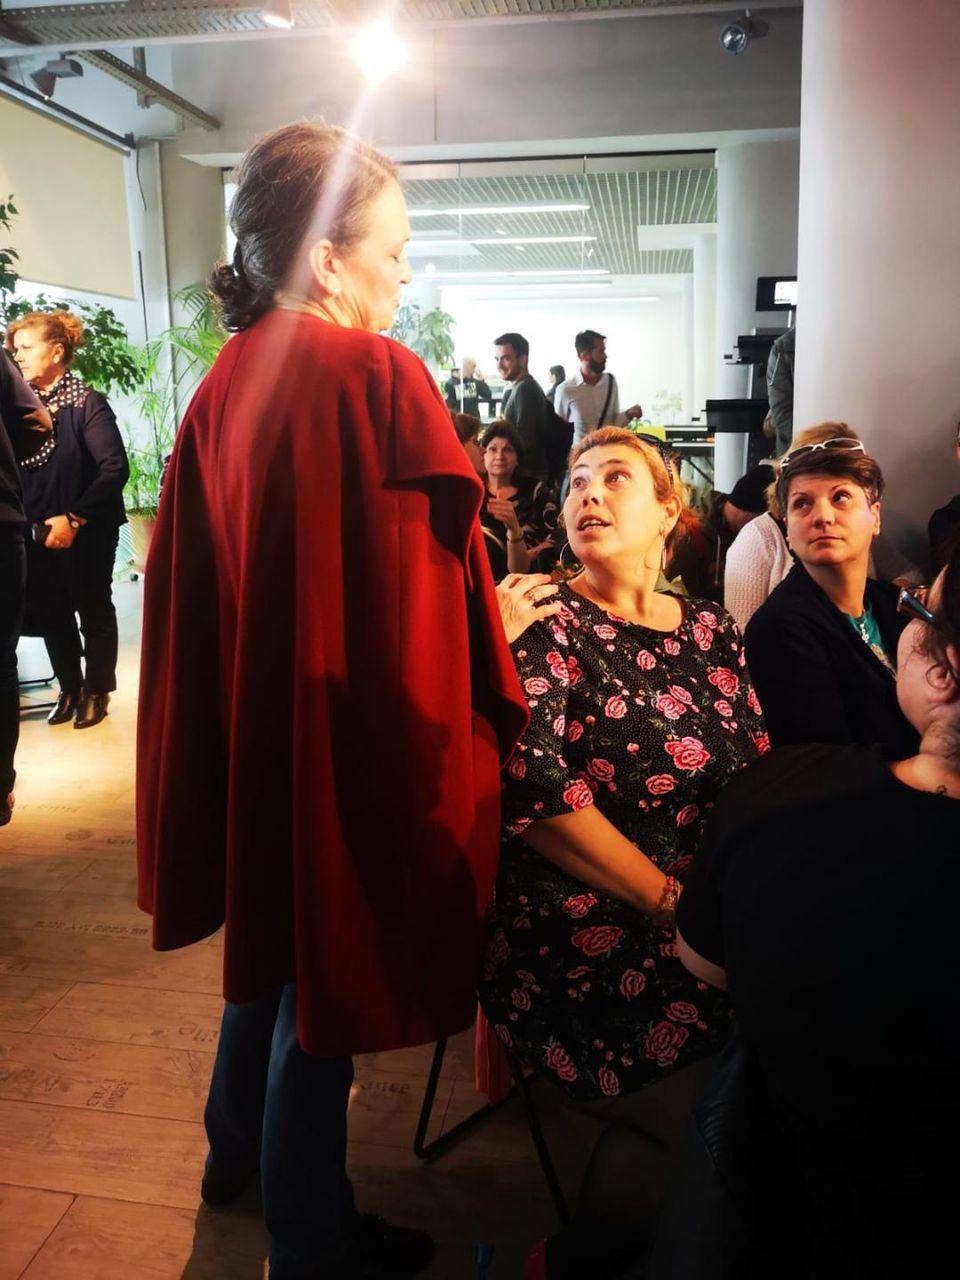 Marile vedete ale muzicii uşoare româneşti, ŞOCATE de schimbarea Ioanei Tufaru! Uite cum a fost îmbrăcată la un eveniment monden!  A purtat rochie, balerini noi şi s-a parfumat! VIDEO EXCLUSIV!